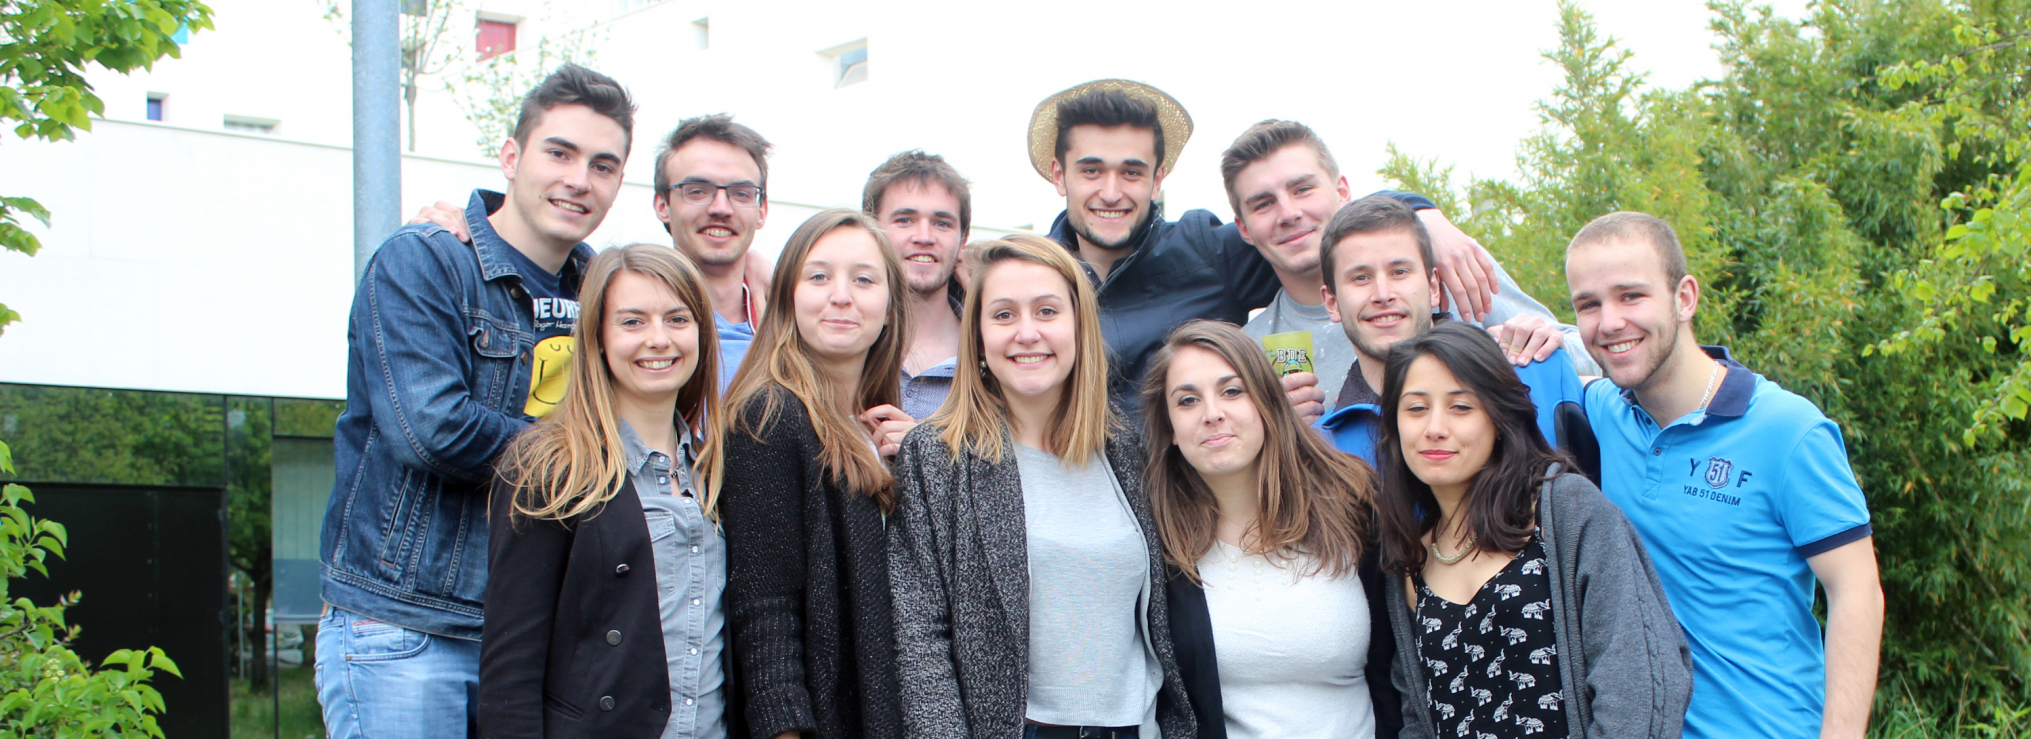 ENSCBP's Students Bureau